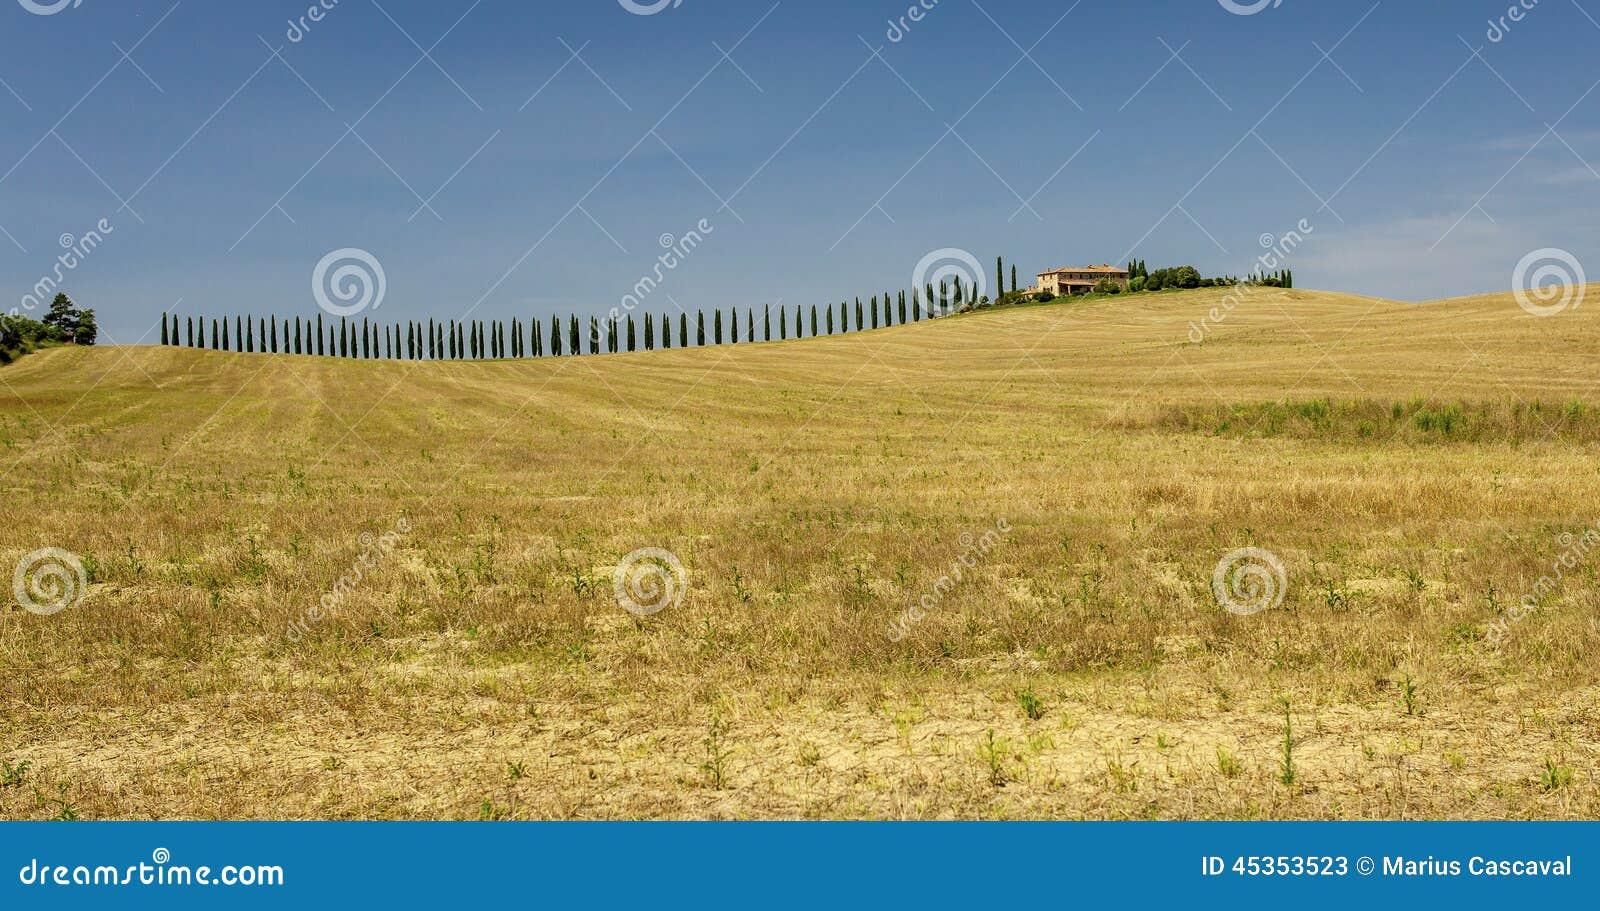 Paysages ruraux de la belle Toscane, Italie